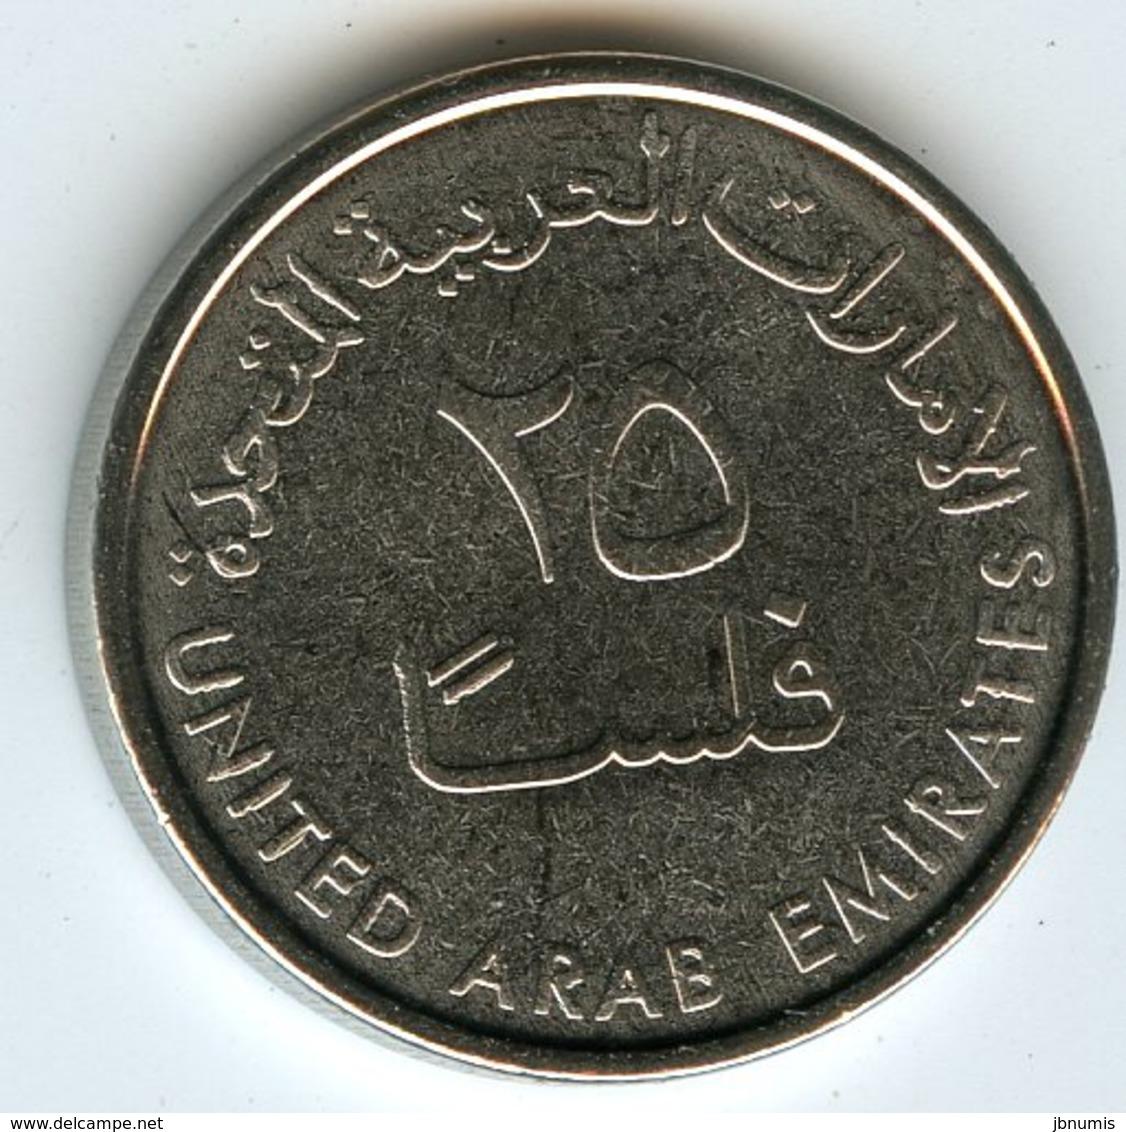 Emirats Arabes Unis United Arab Emirates 25 Fils 1438 - 2017 UNC KM 4a - Emirats Arabes Unis